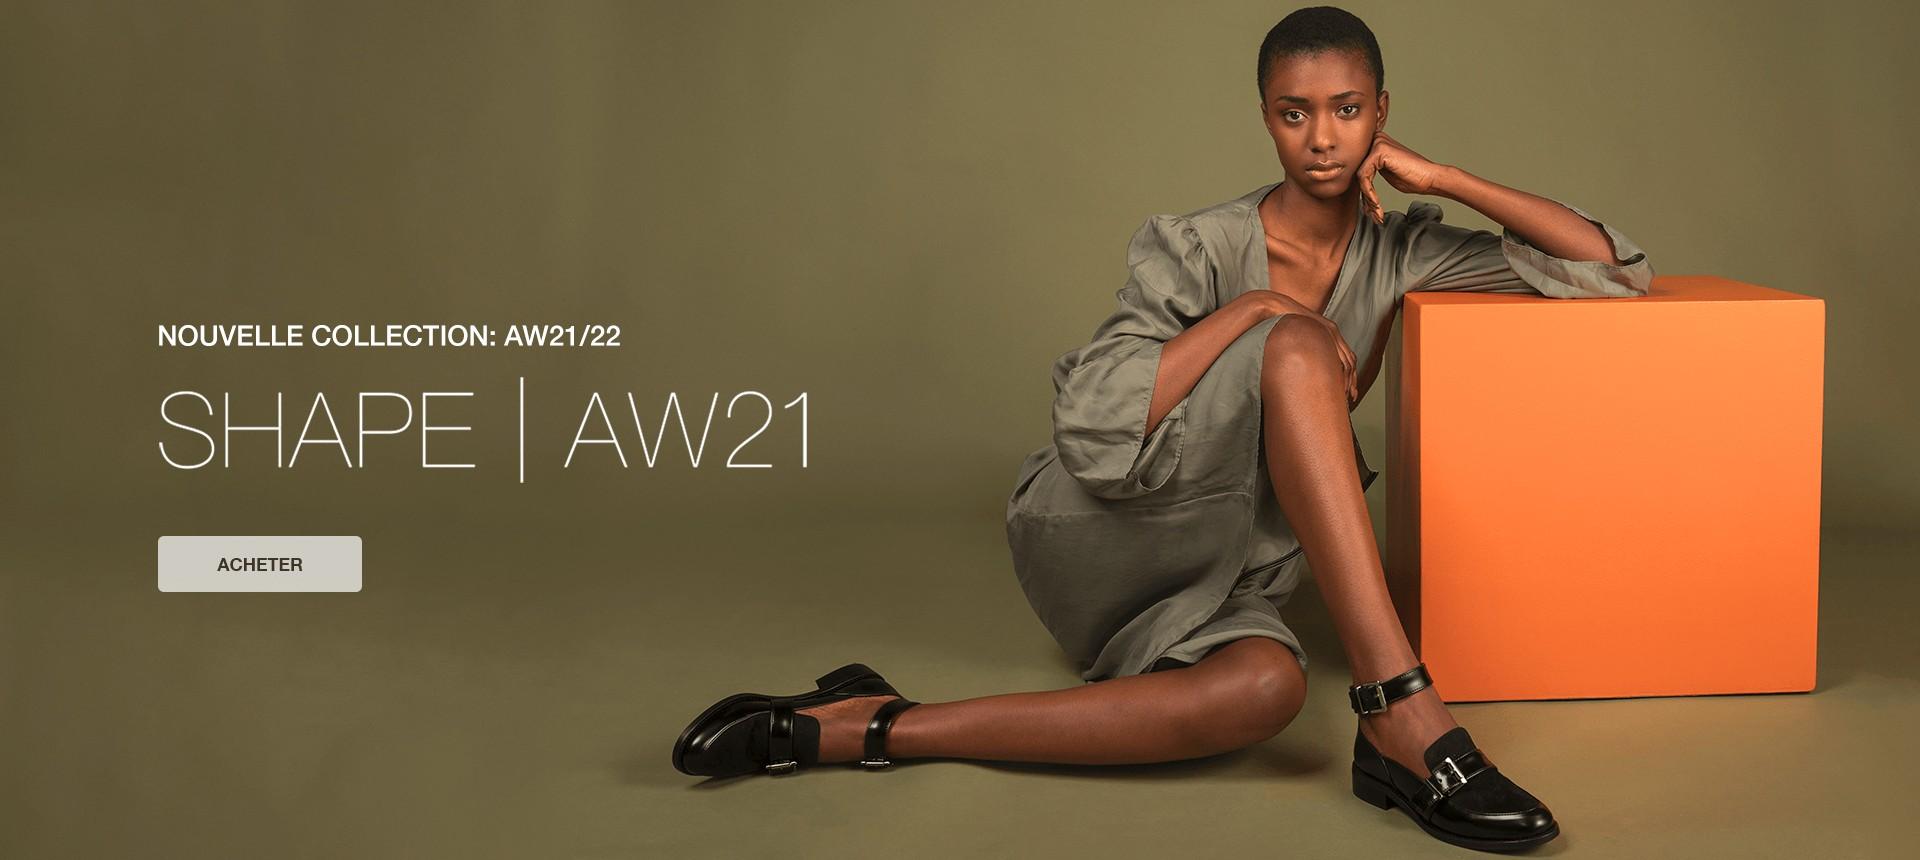 Chaussures Vegánes - Nouvelle Collection Automne Hiver 21/22_1